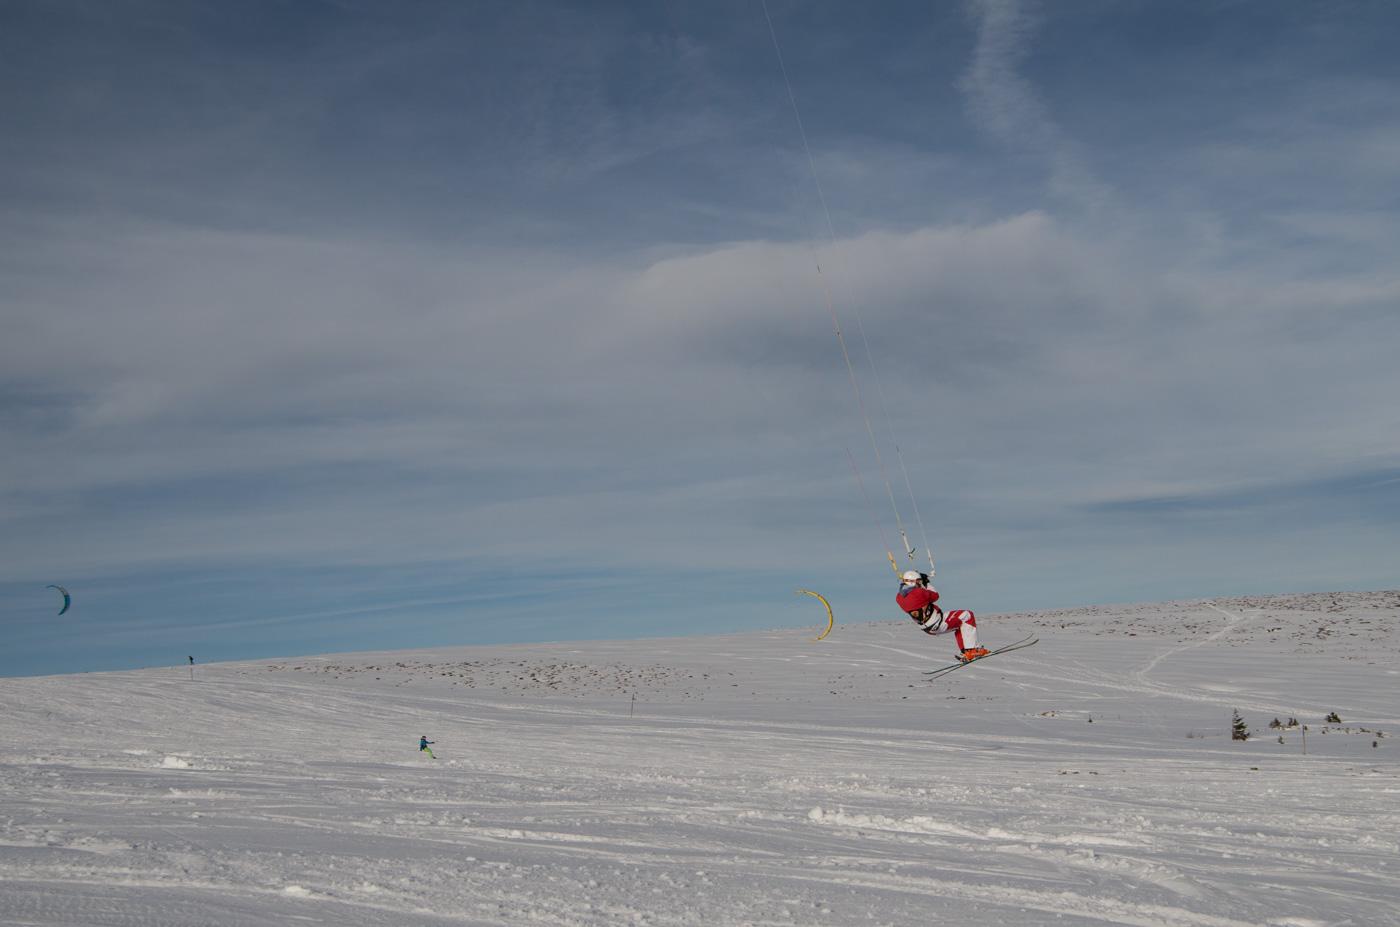 Snowkiter on Feldberg in the Black Forest mountains